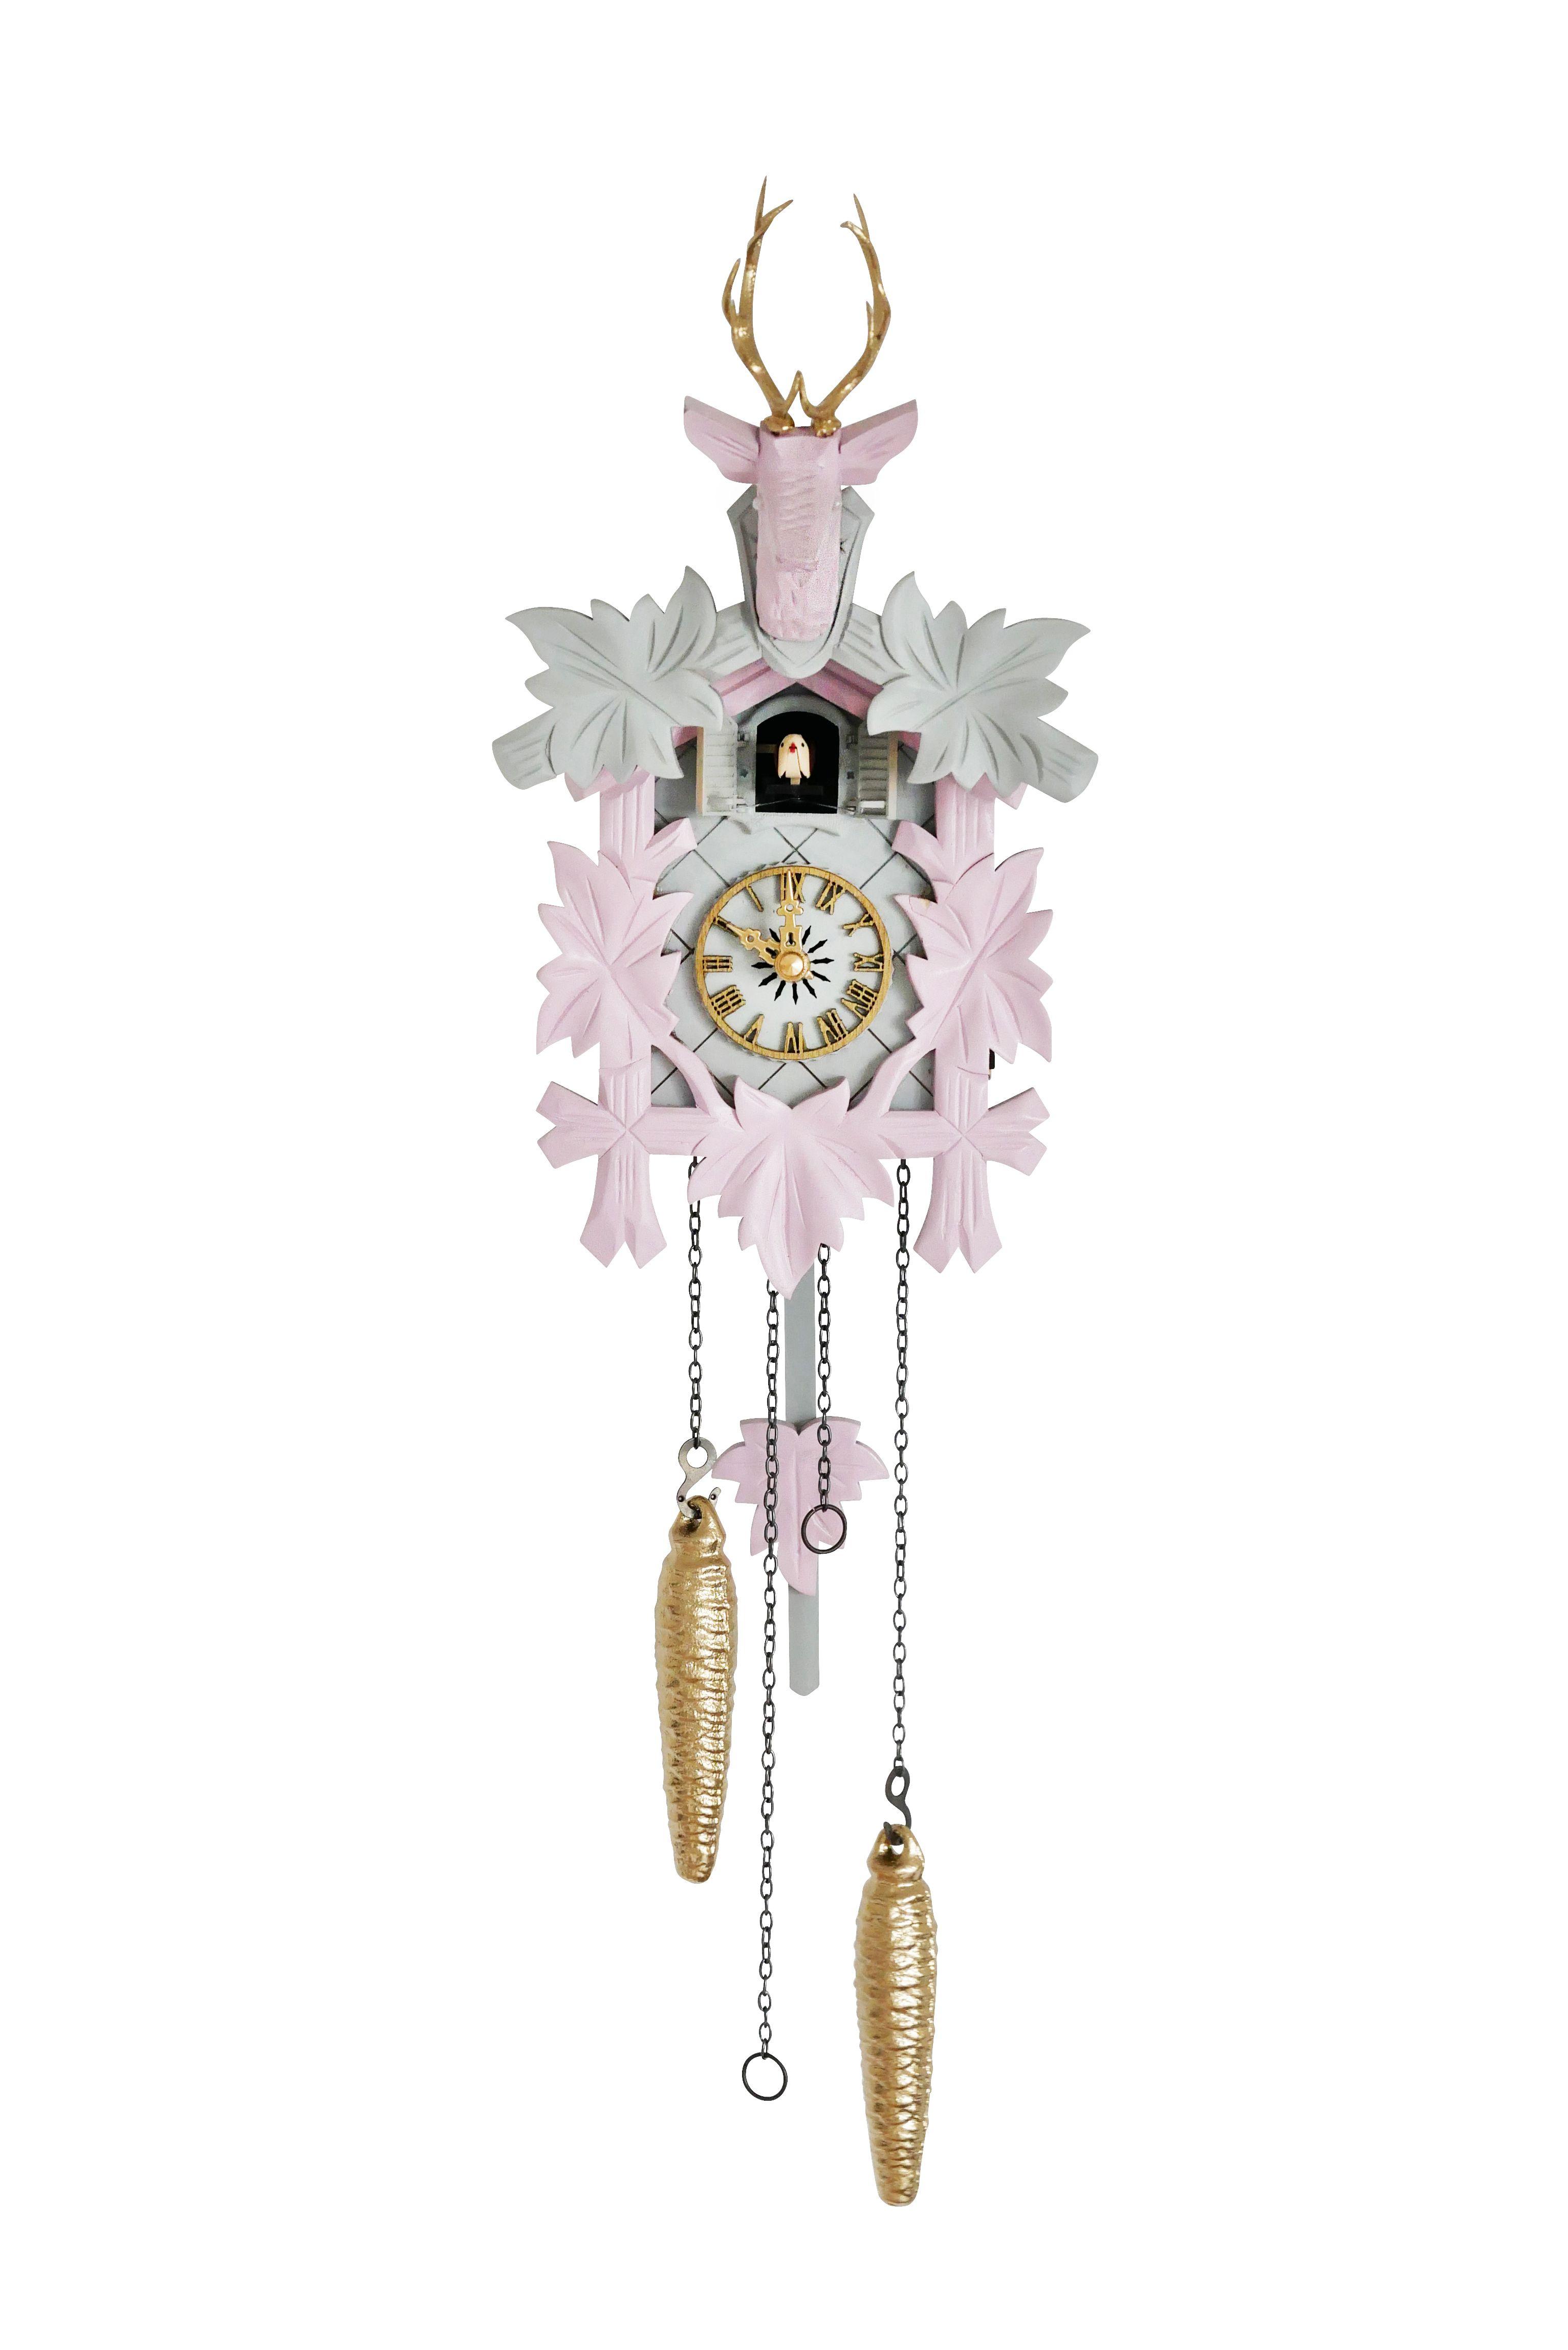 Kuckucksuhr Rosa Hellgrau Gold Kuckucksuhren Uhrideen Uhr